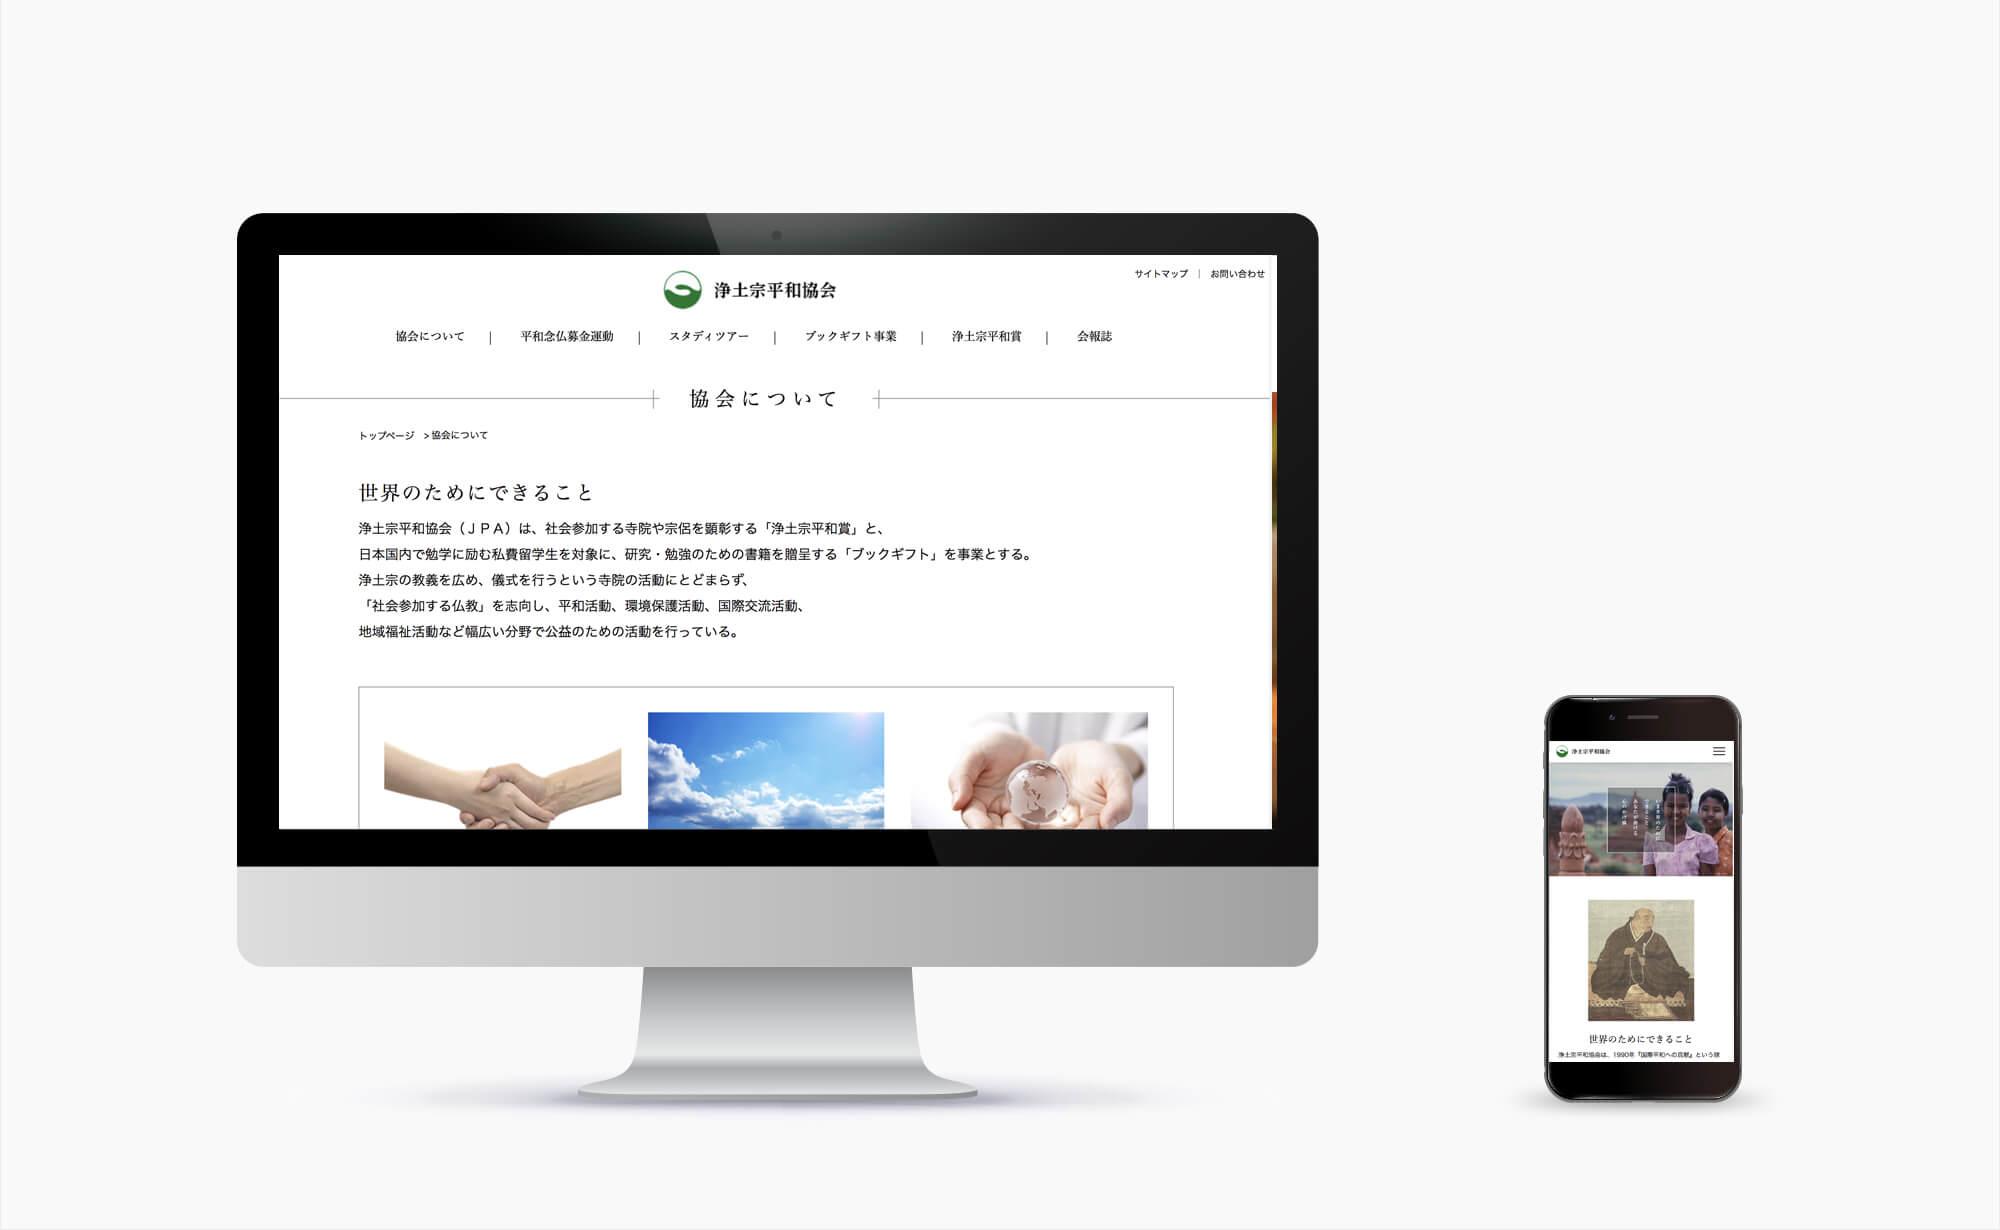 ホームページ制作実績浄土宗平和協会様